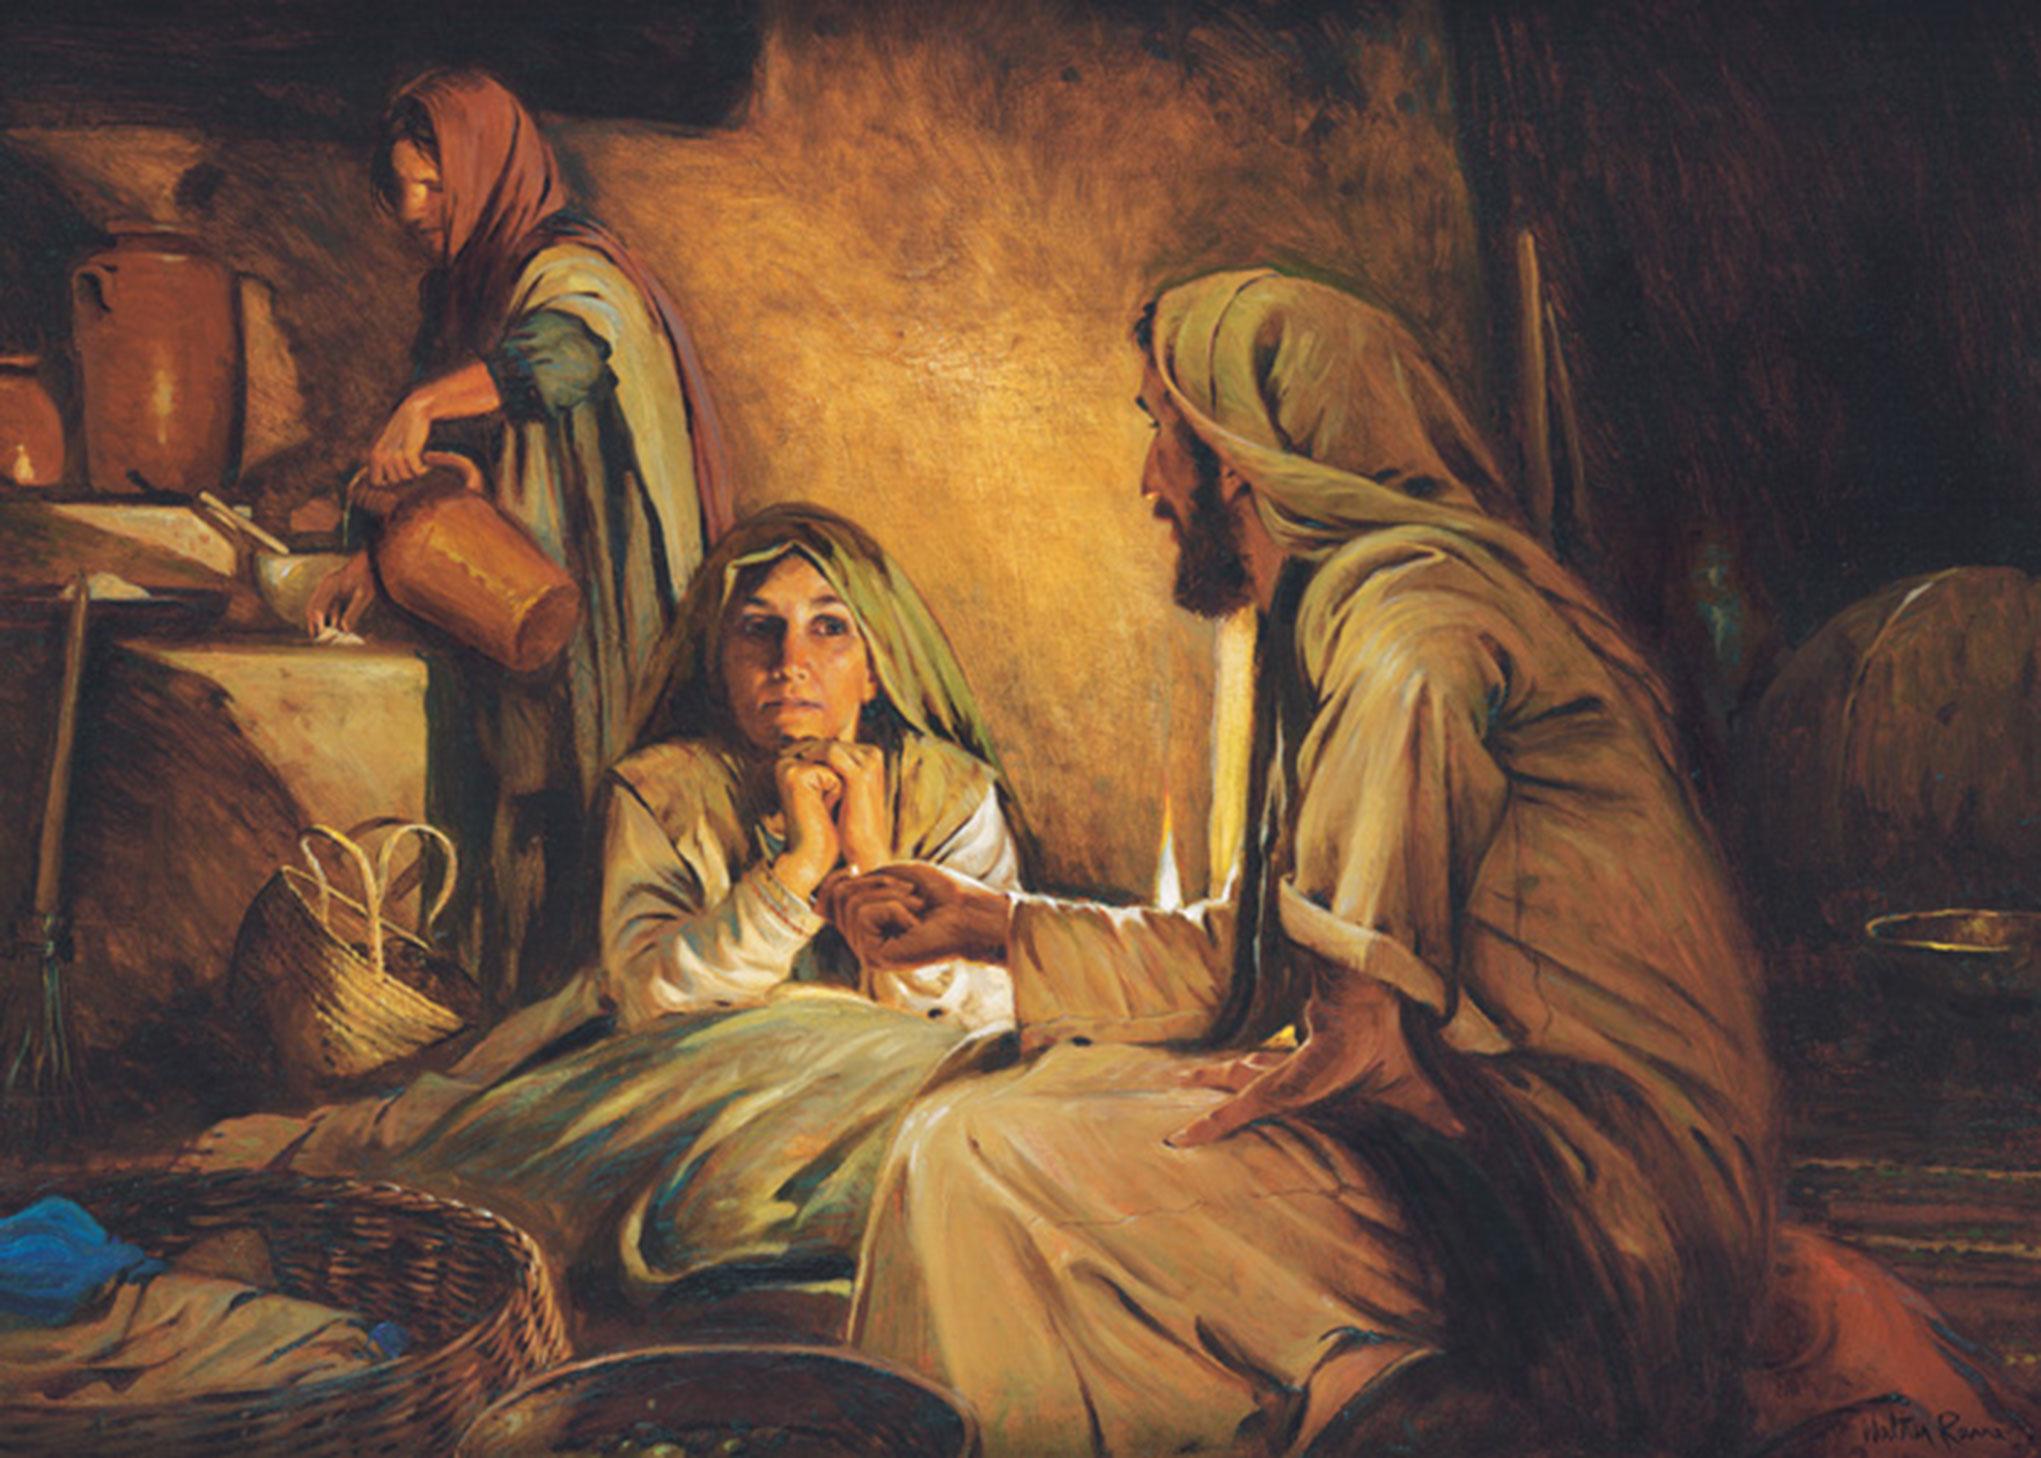 Kết quả hình ảnh cho bible mary and martha